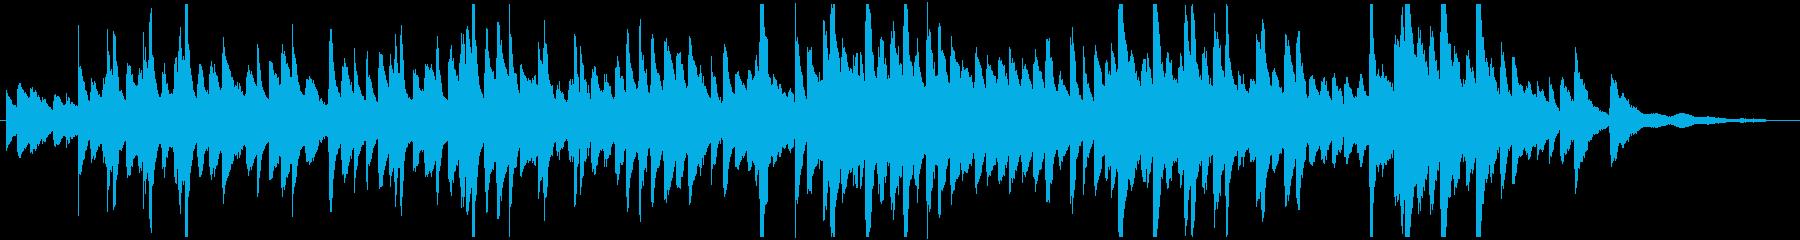 フランス映画のサントラようなピアノ曲の再生済みの波形